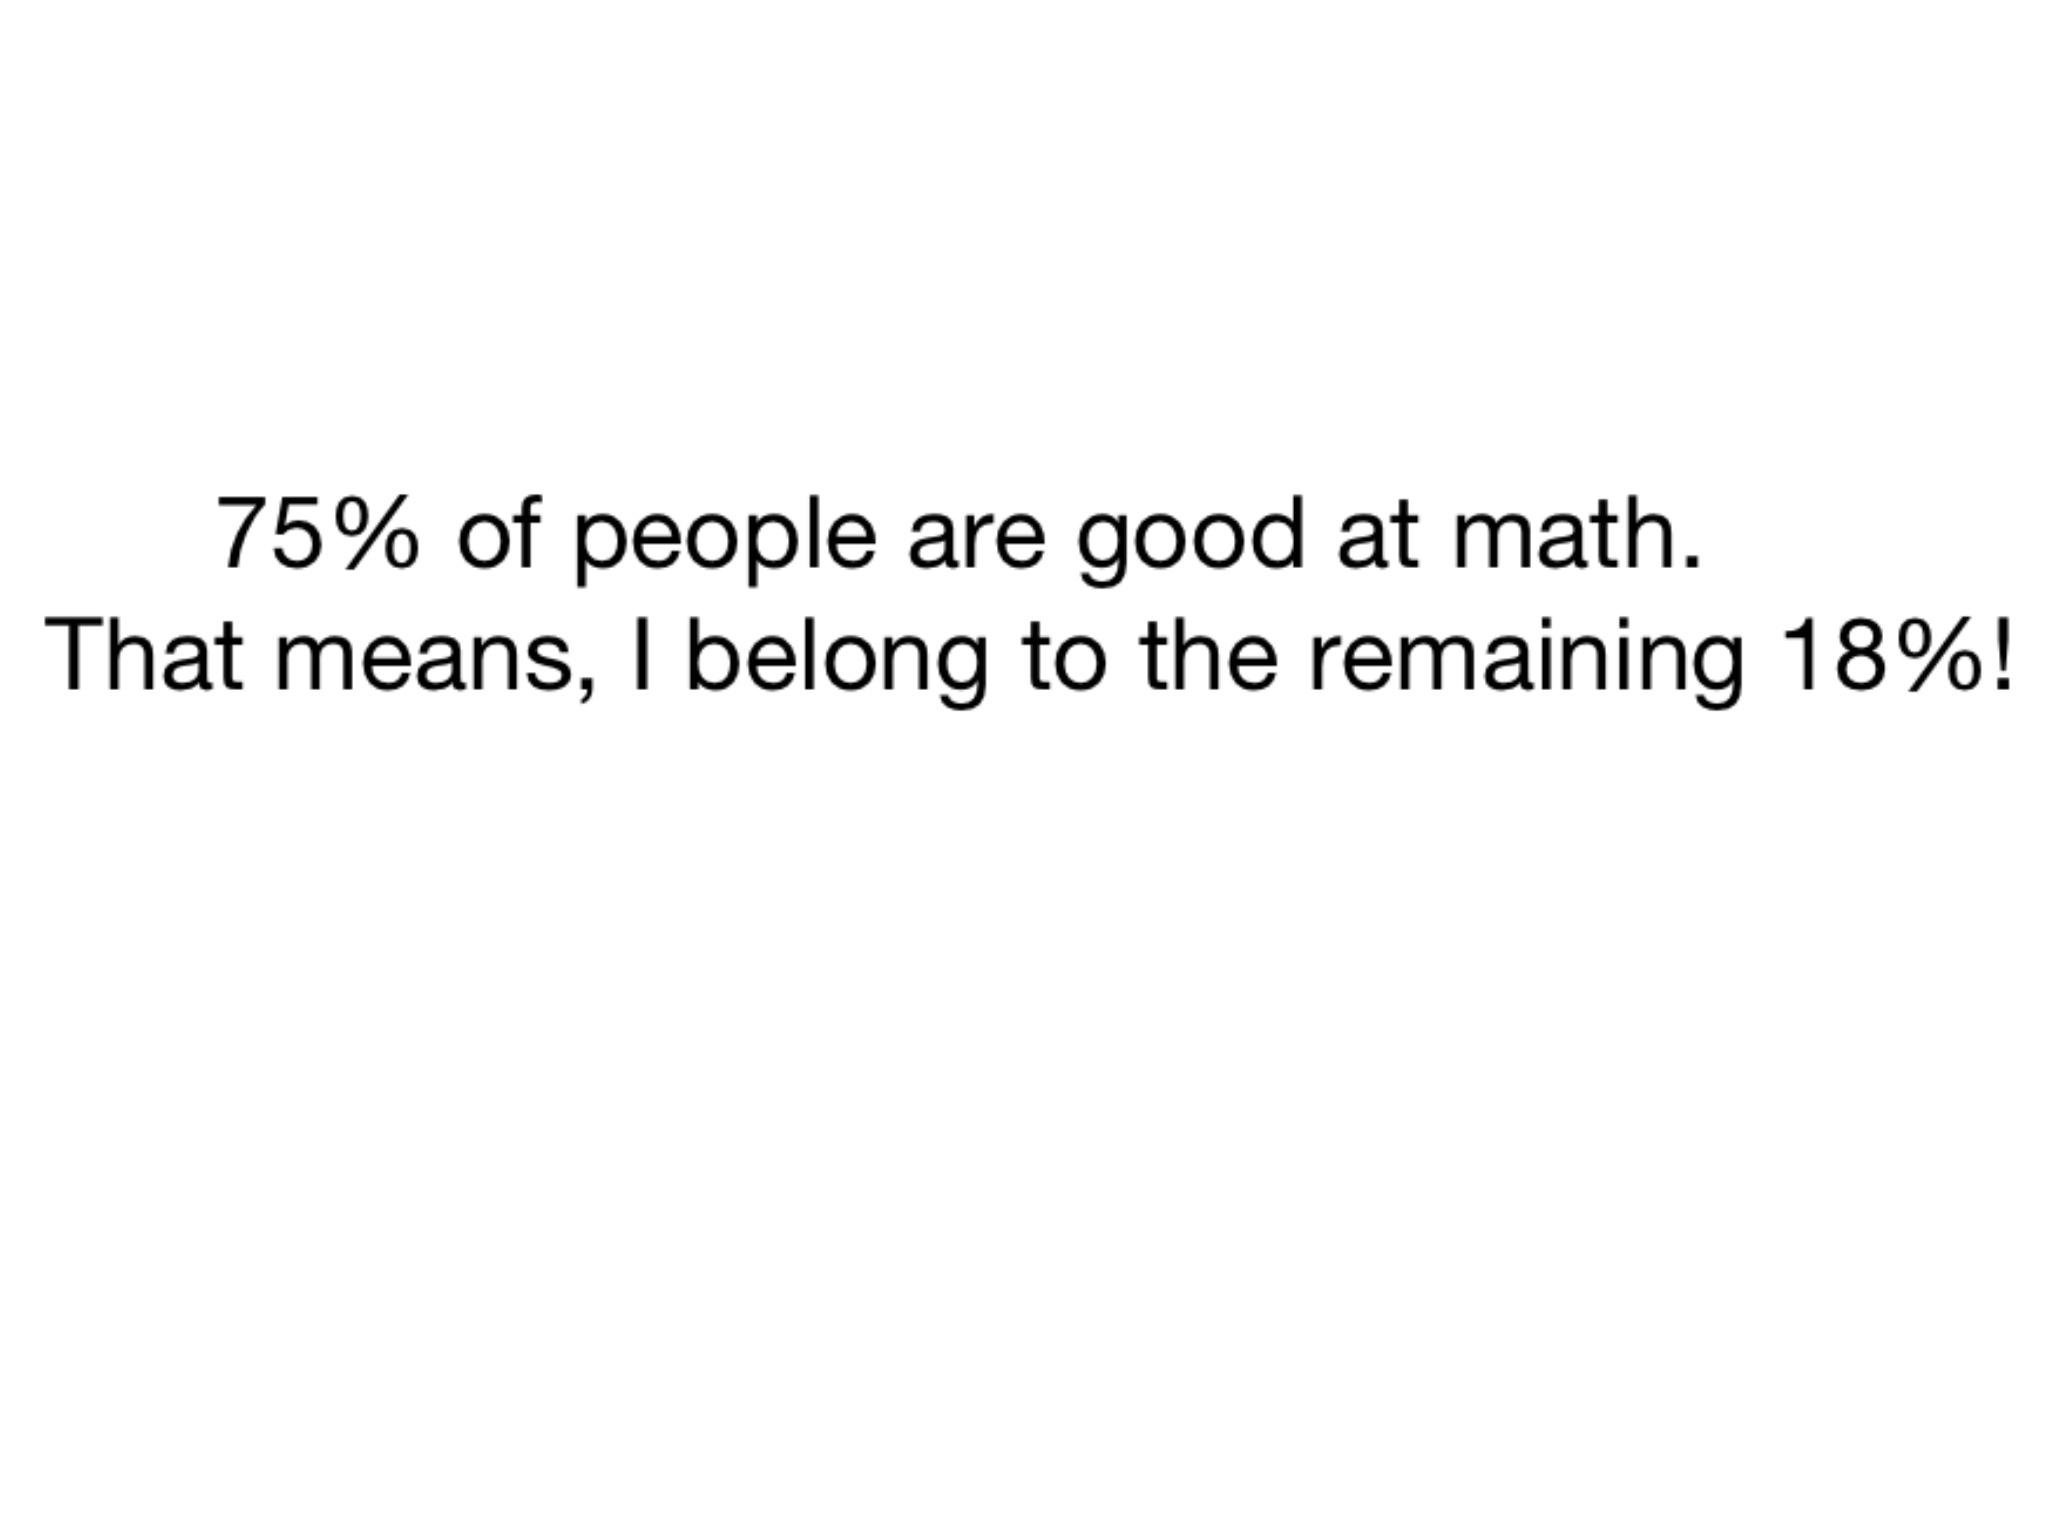 Math skills - meme